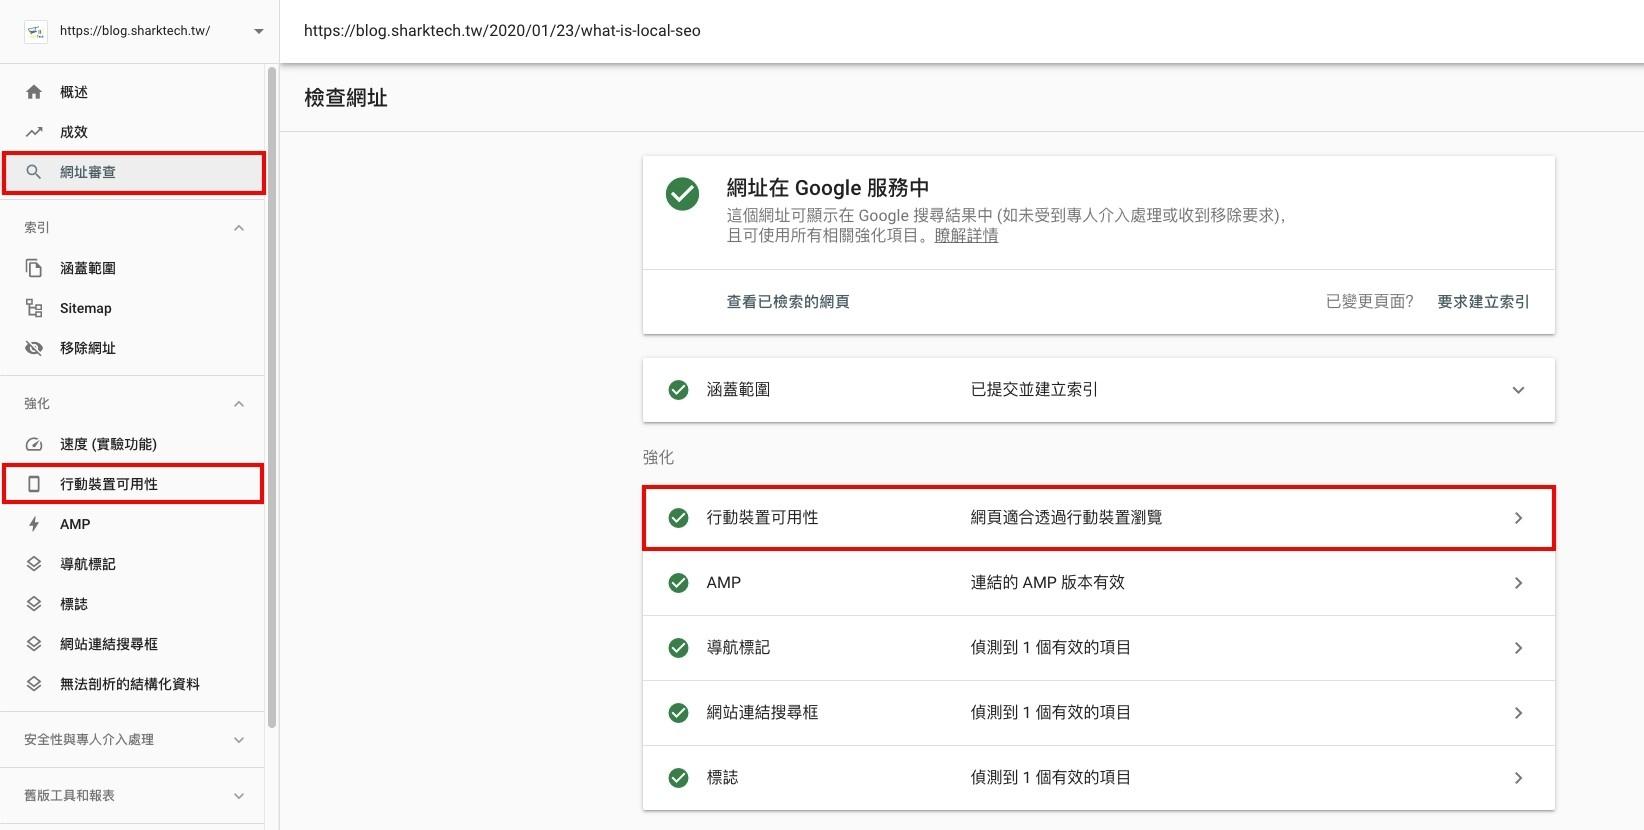 2020行動優先索引Search Console行動裝置可用性-鯊客科技SEO優化網站設計公司